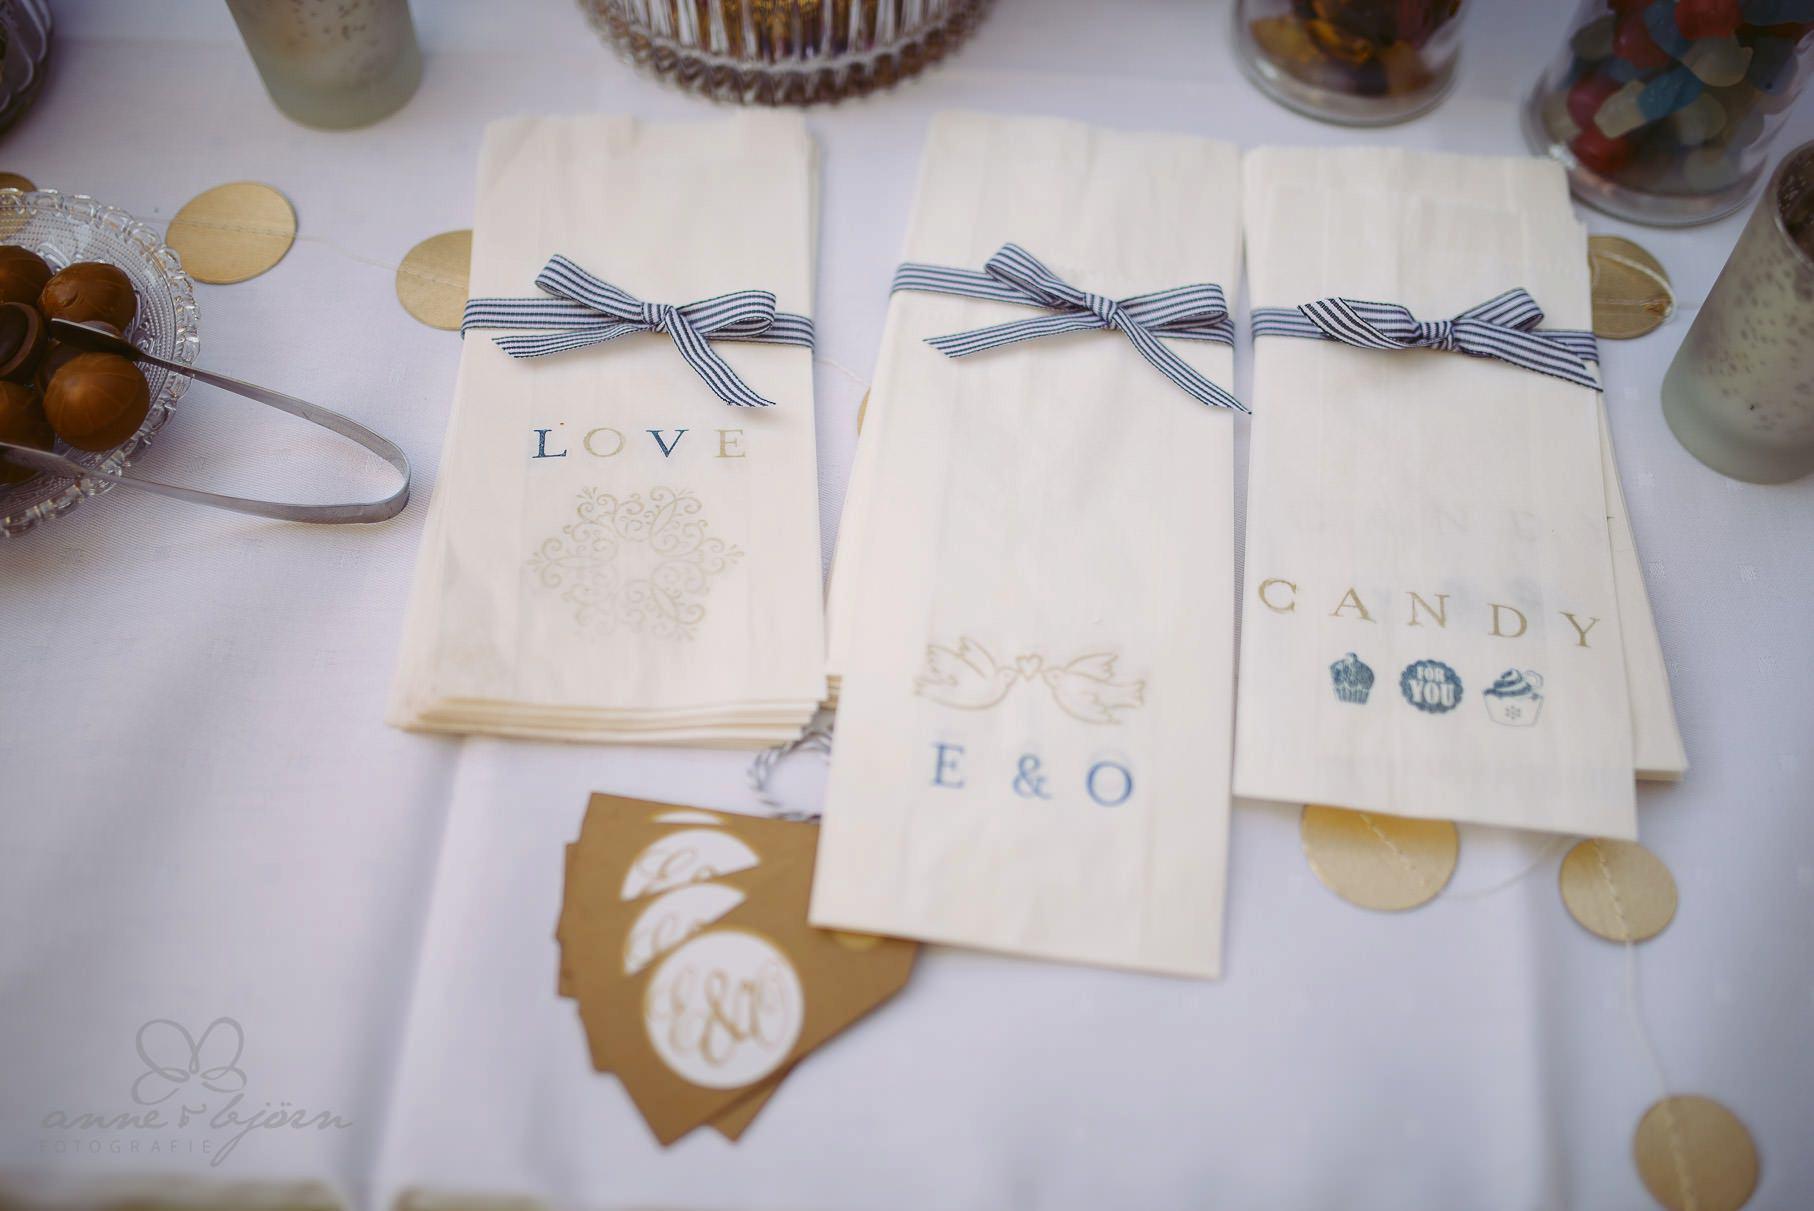 0037 euo 812 0824 - Hochzeit im Schloss Reinbek - Elvira & Olaf